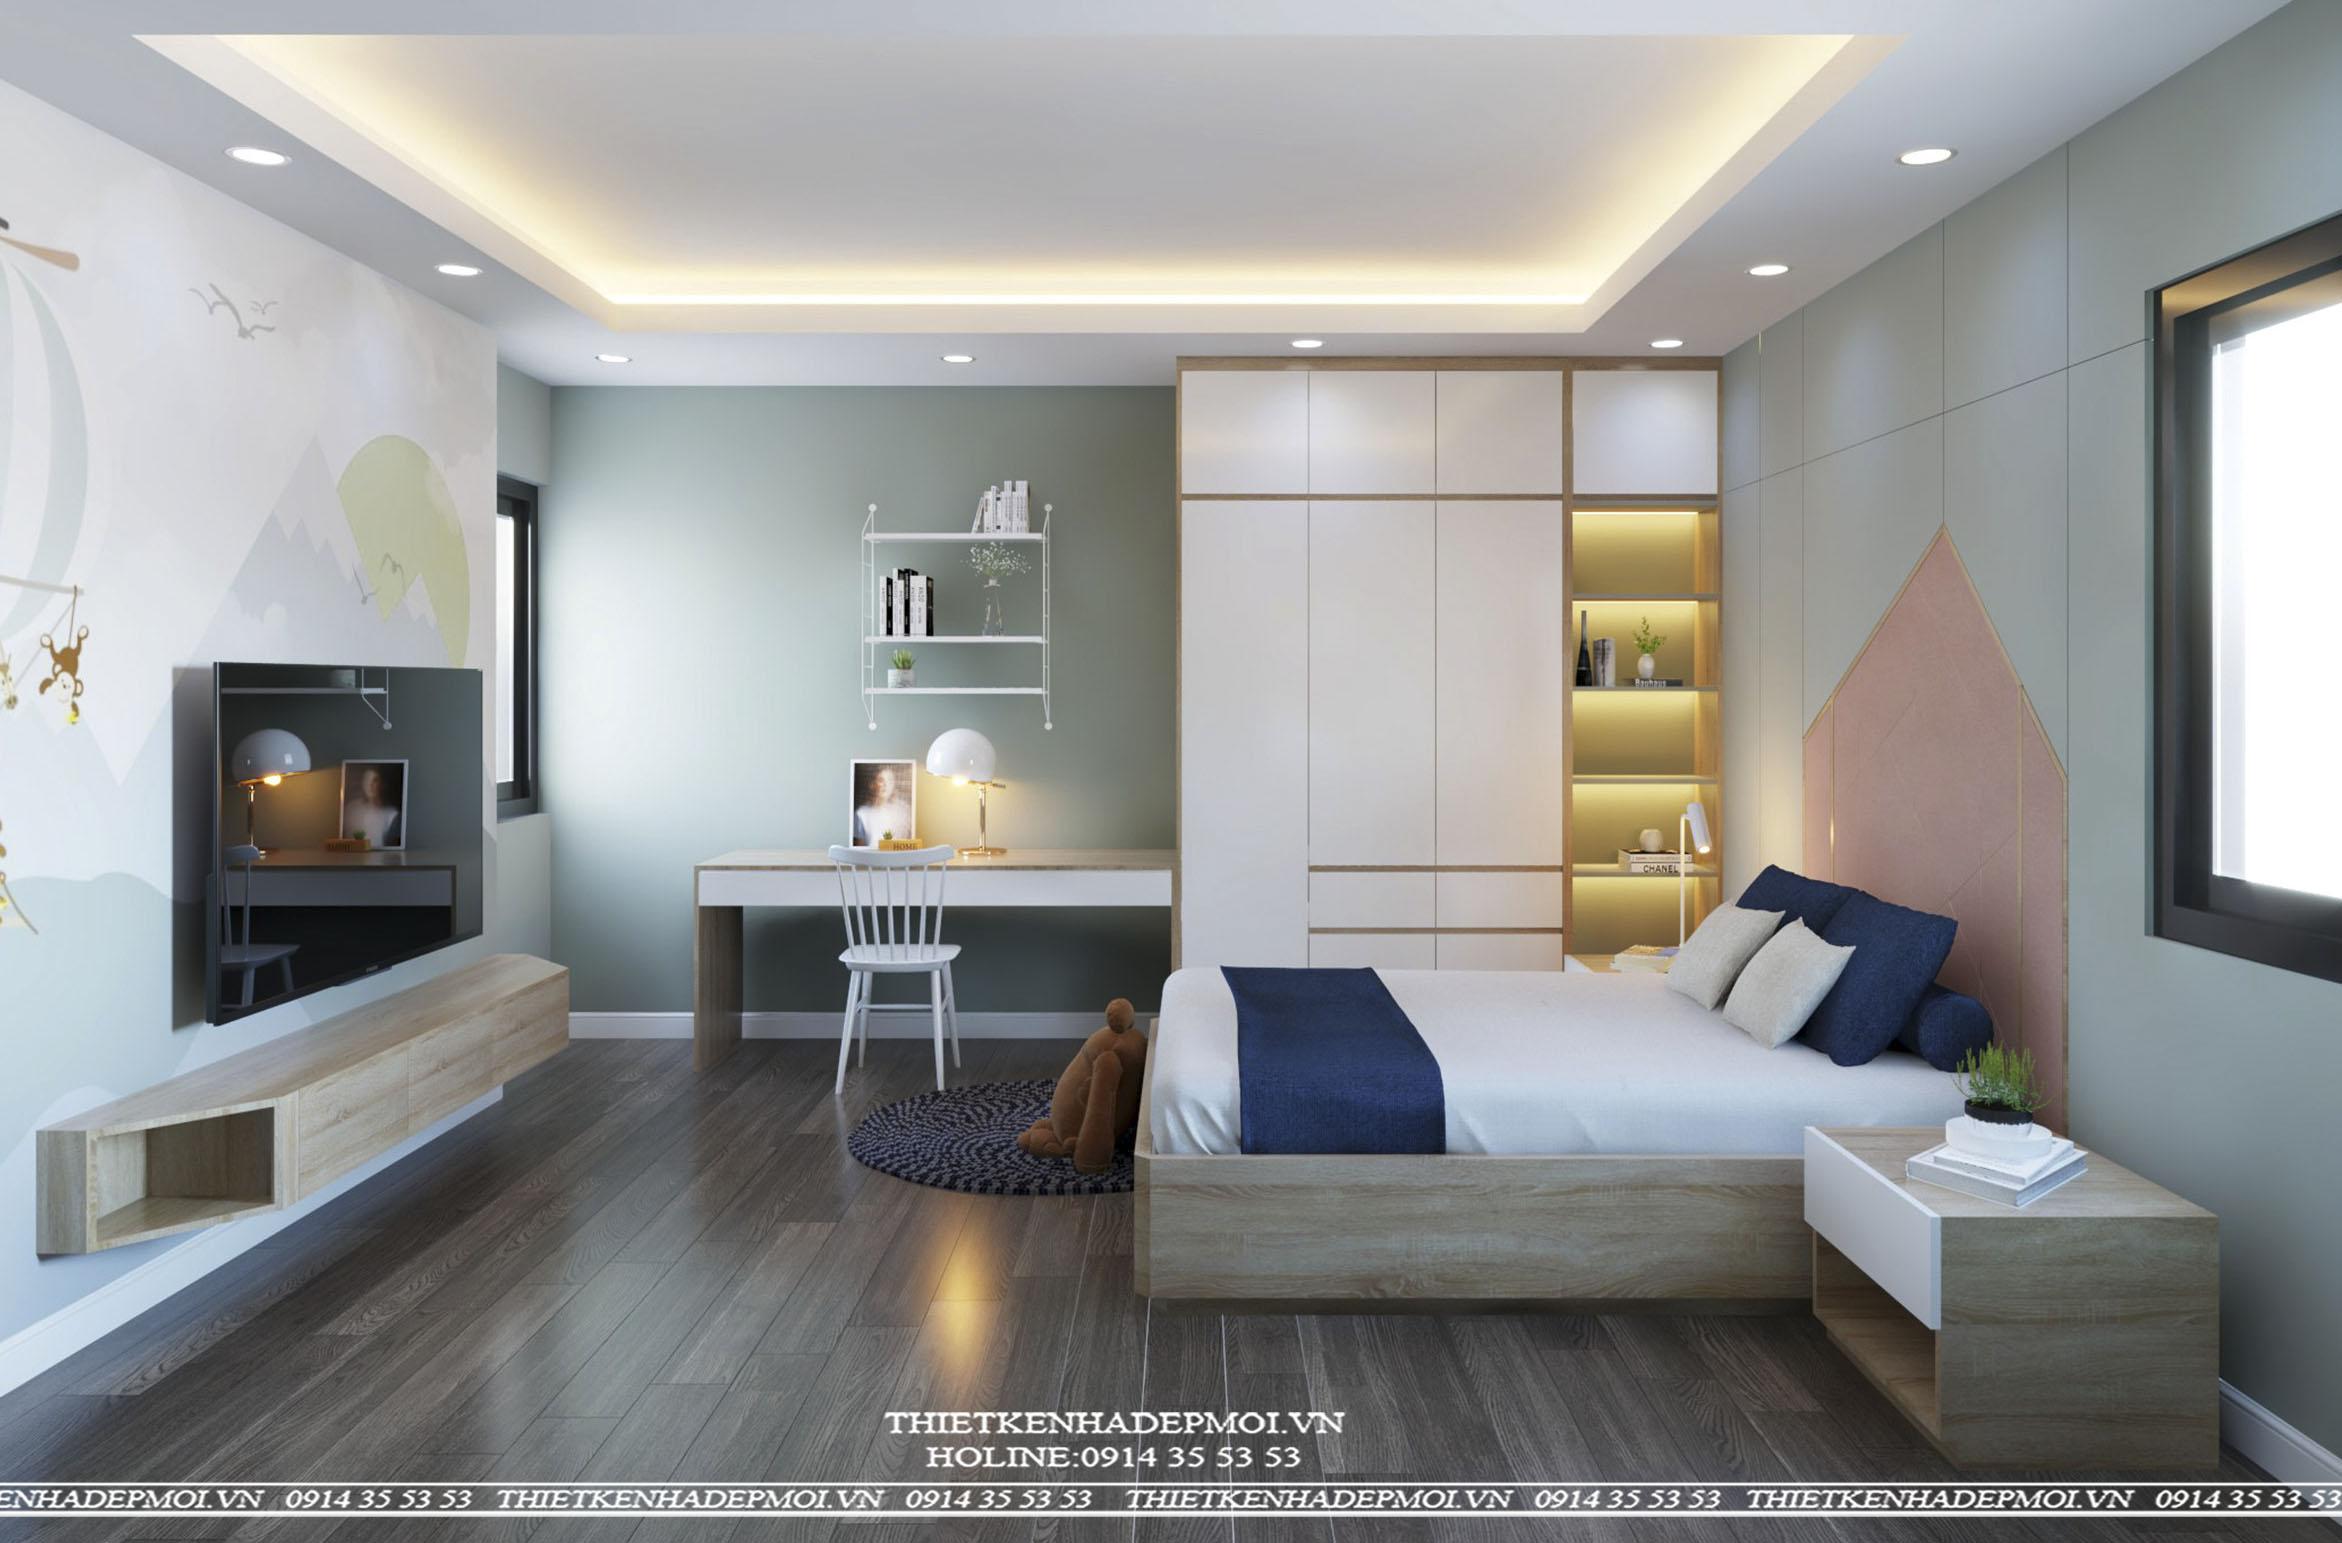 mẫu nội thất hiện đại